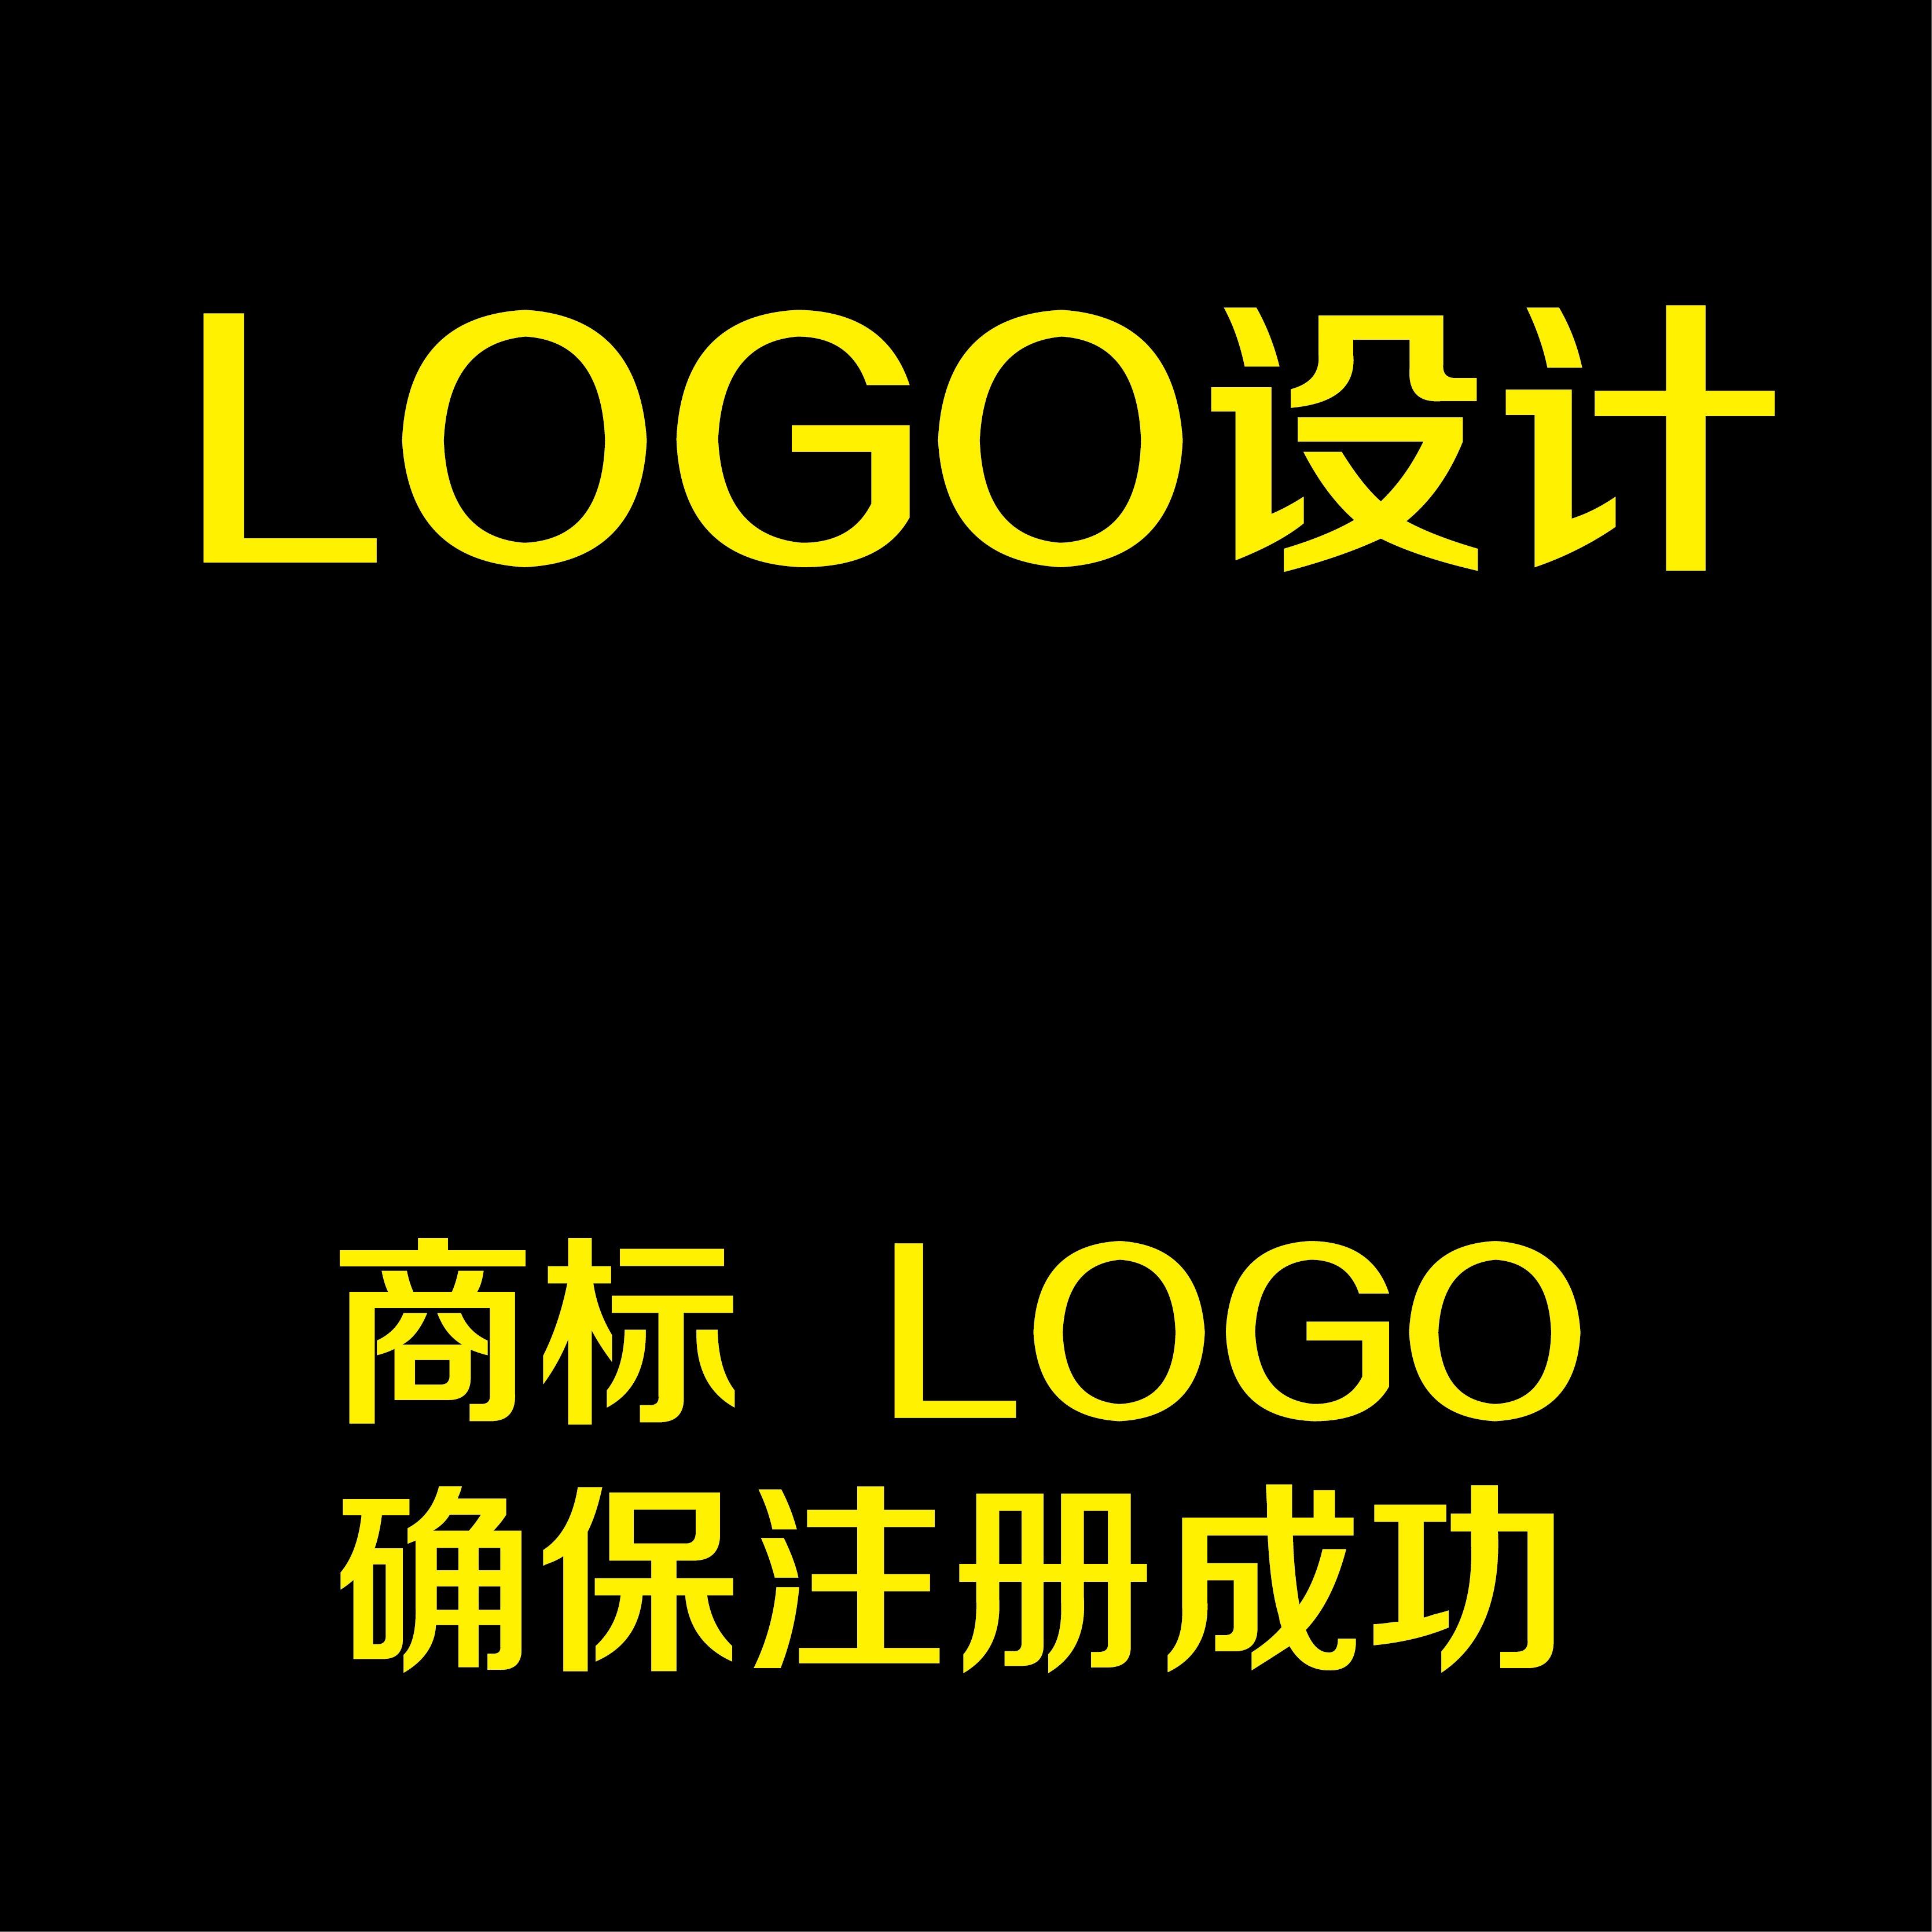 企业休闲娱乐食品饮料房产建设美容健身能源采矿品牌LOGO设计